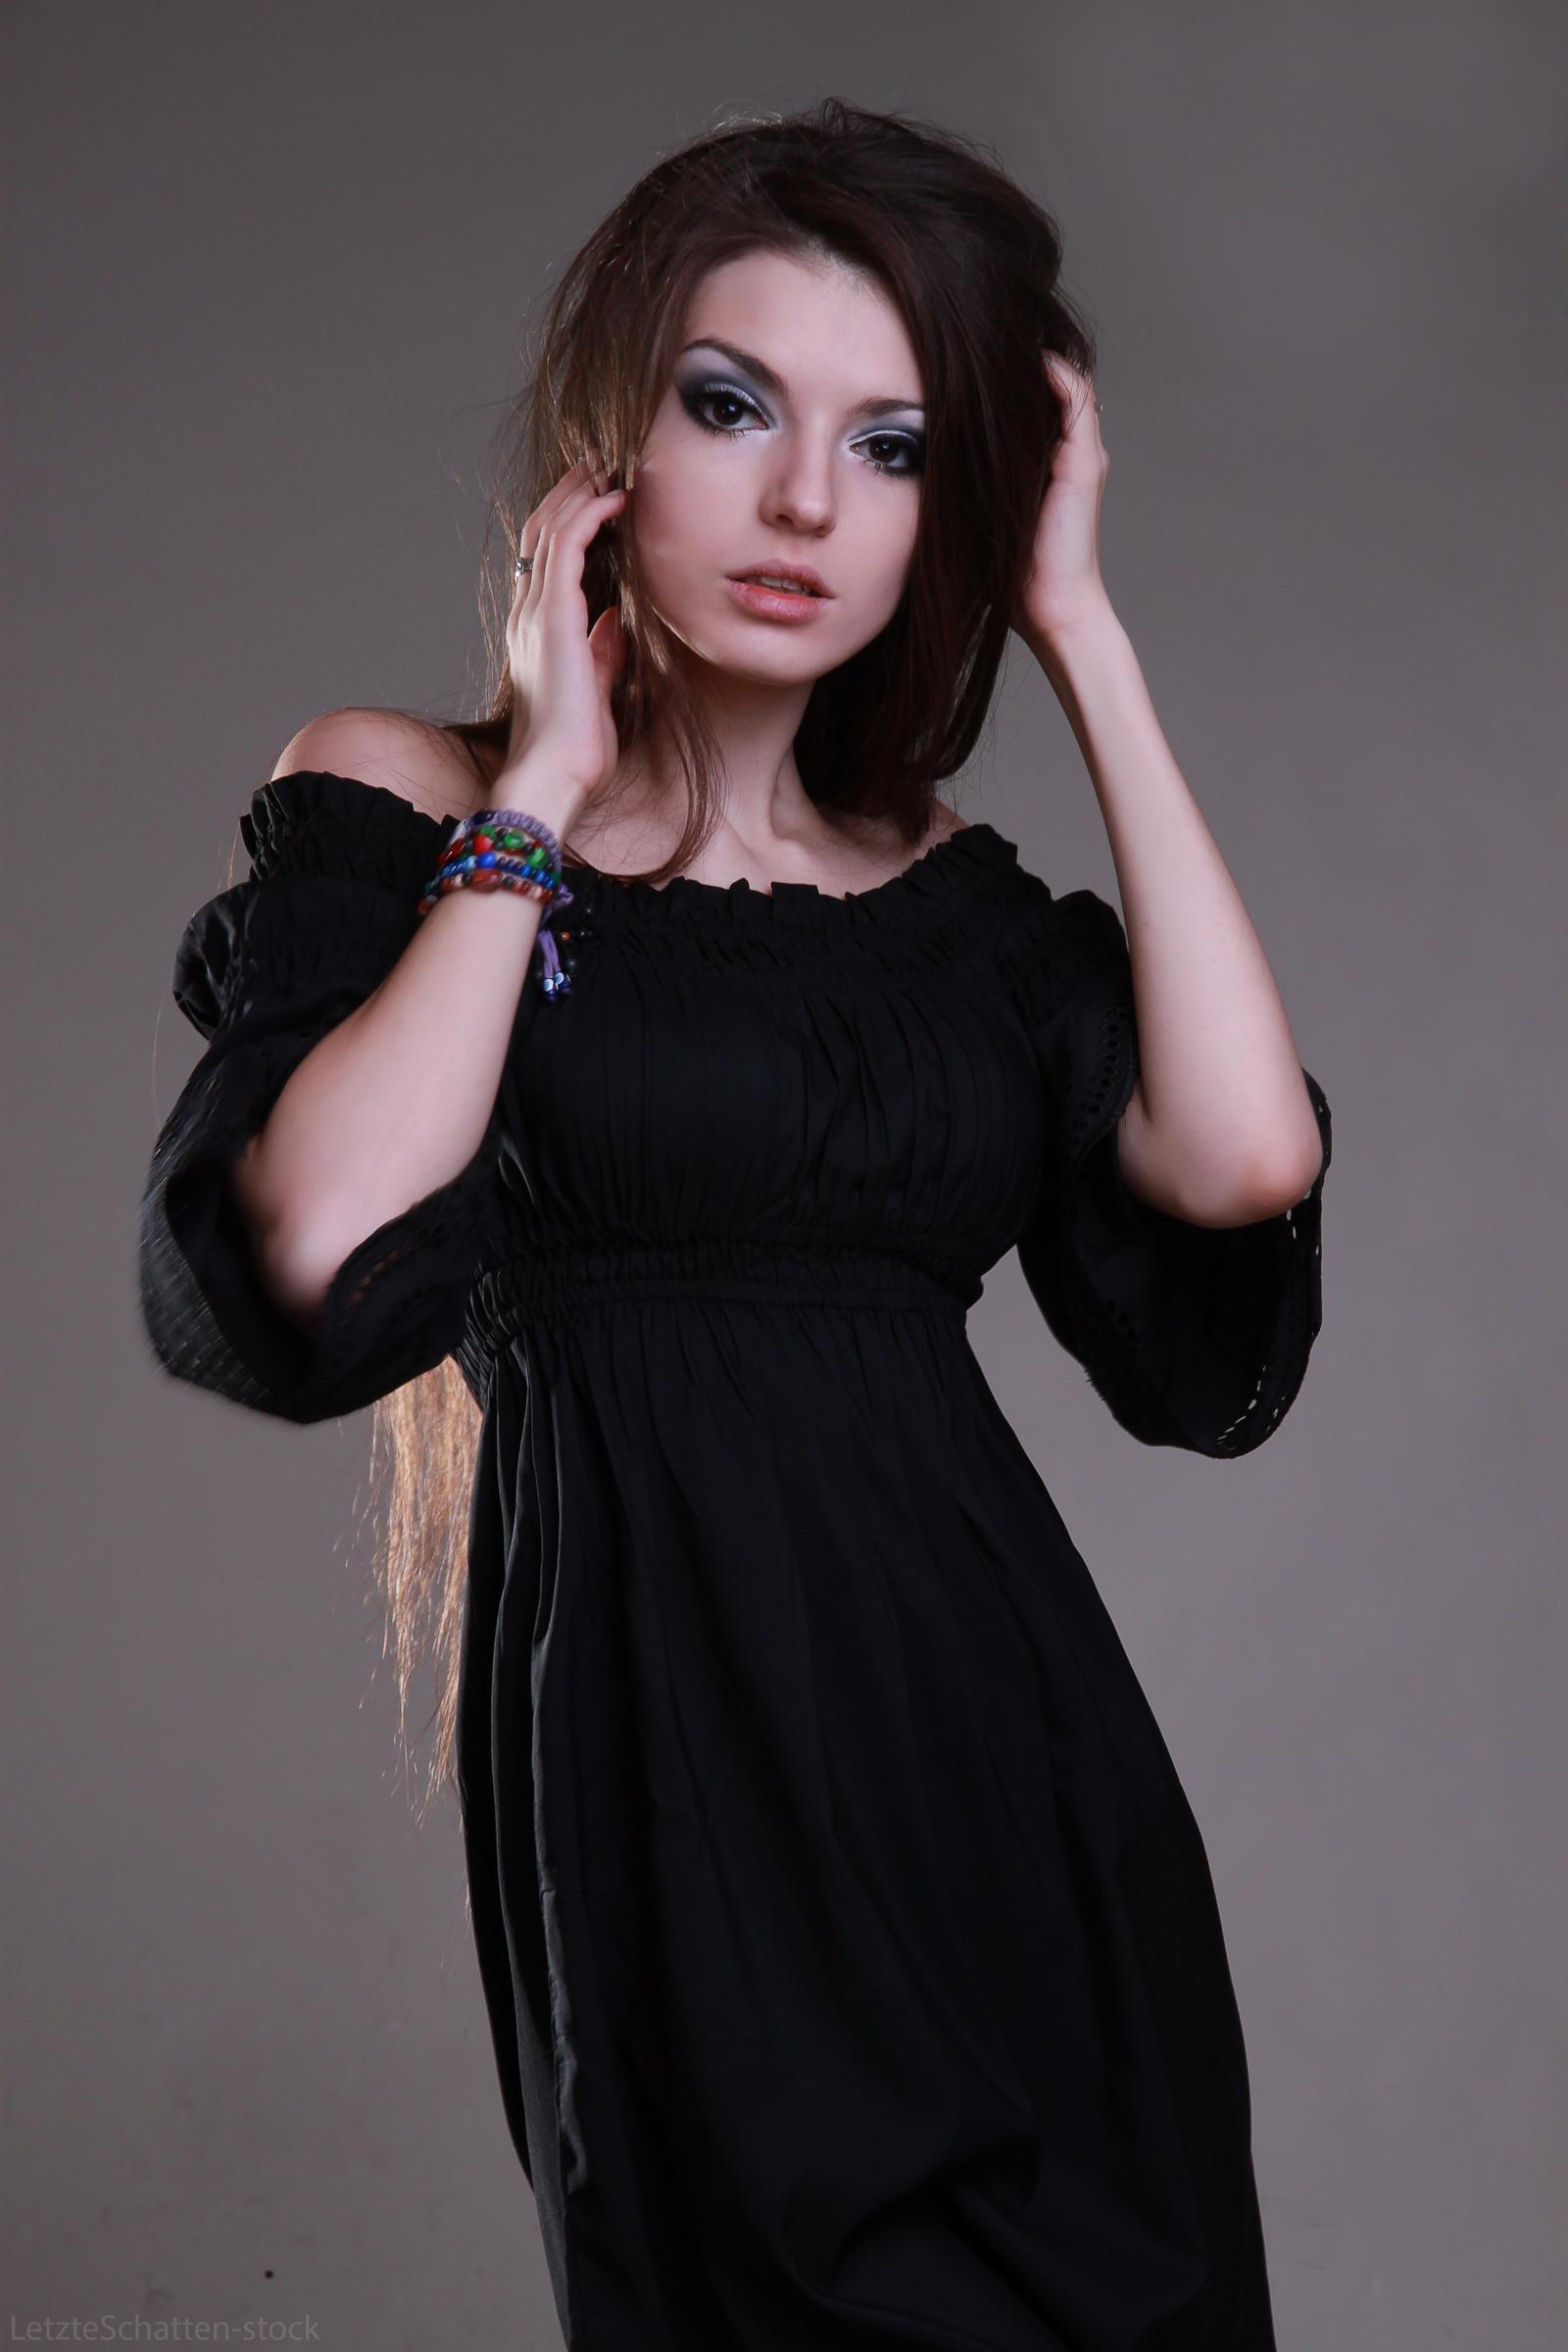 Back in Black 1 by LetzteSchatten-stock